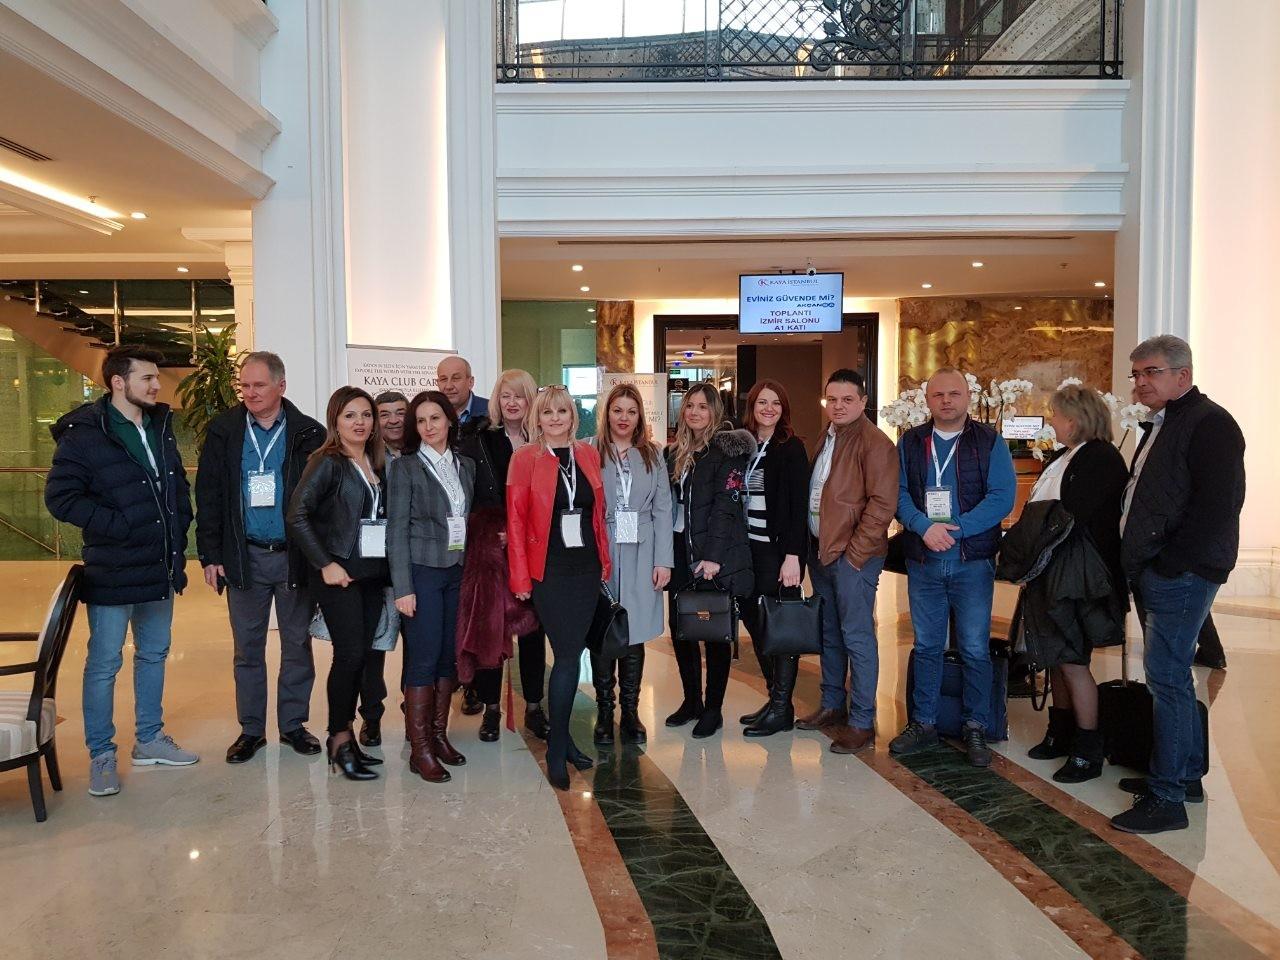 Привредна делегација посетила Међународни сајам канцеларијског материјала и опреме у Истанбулу